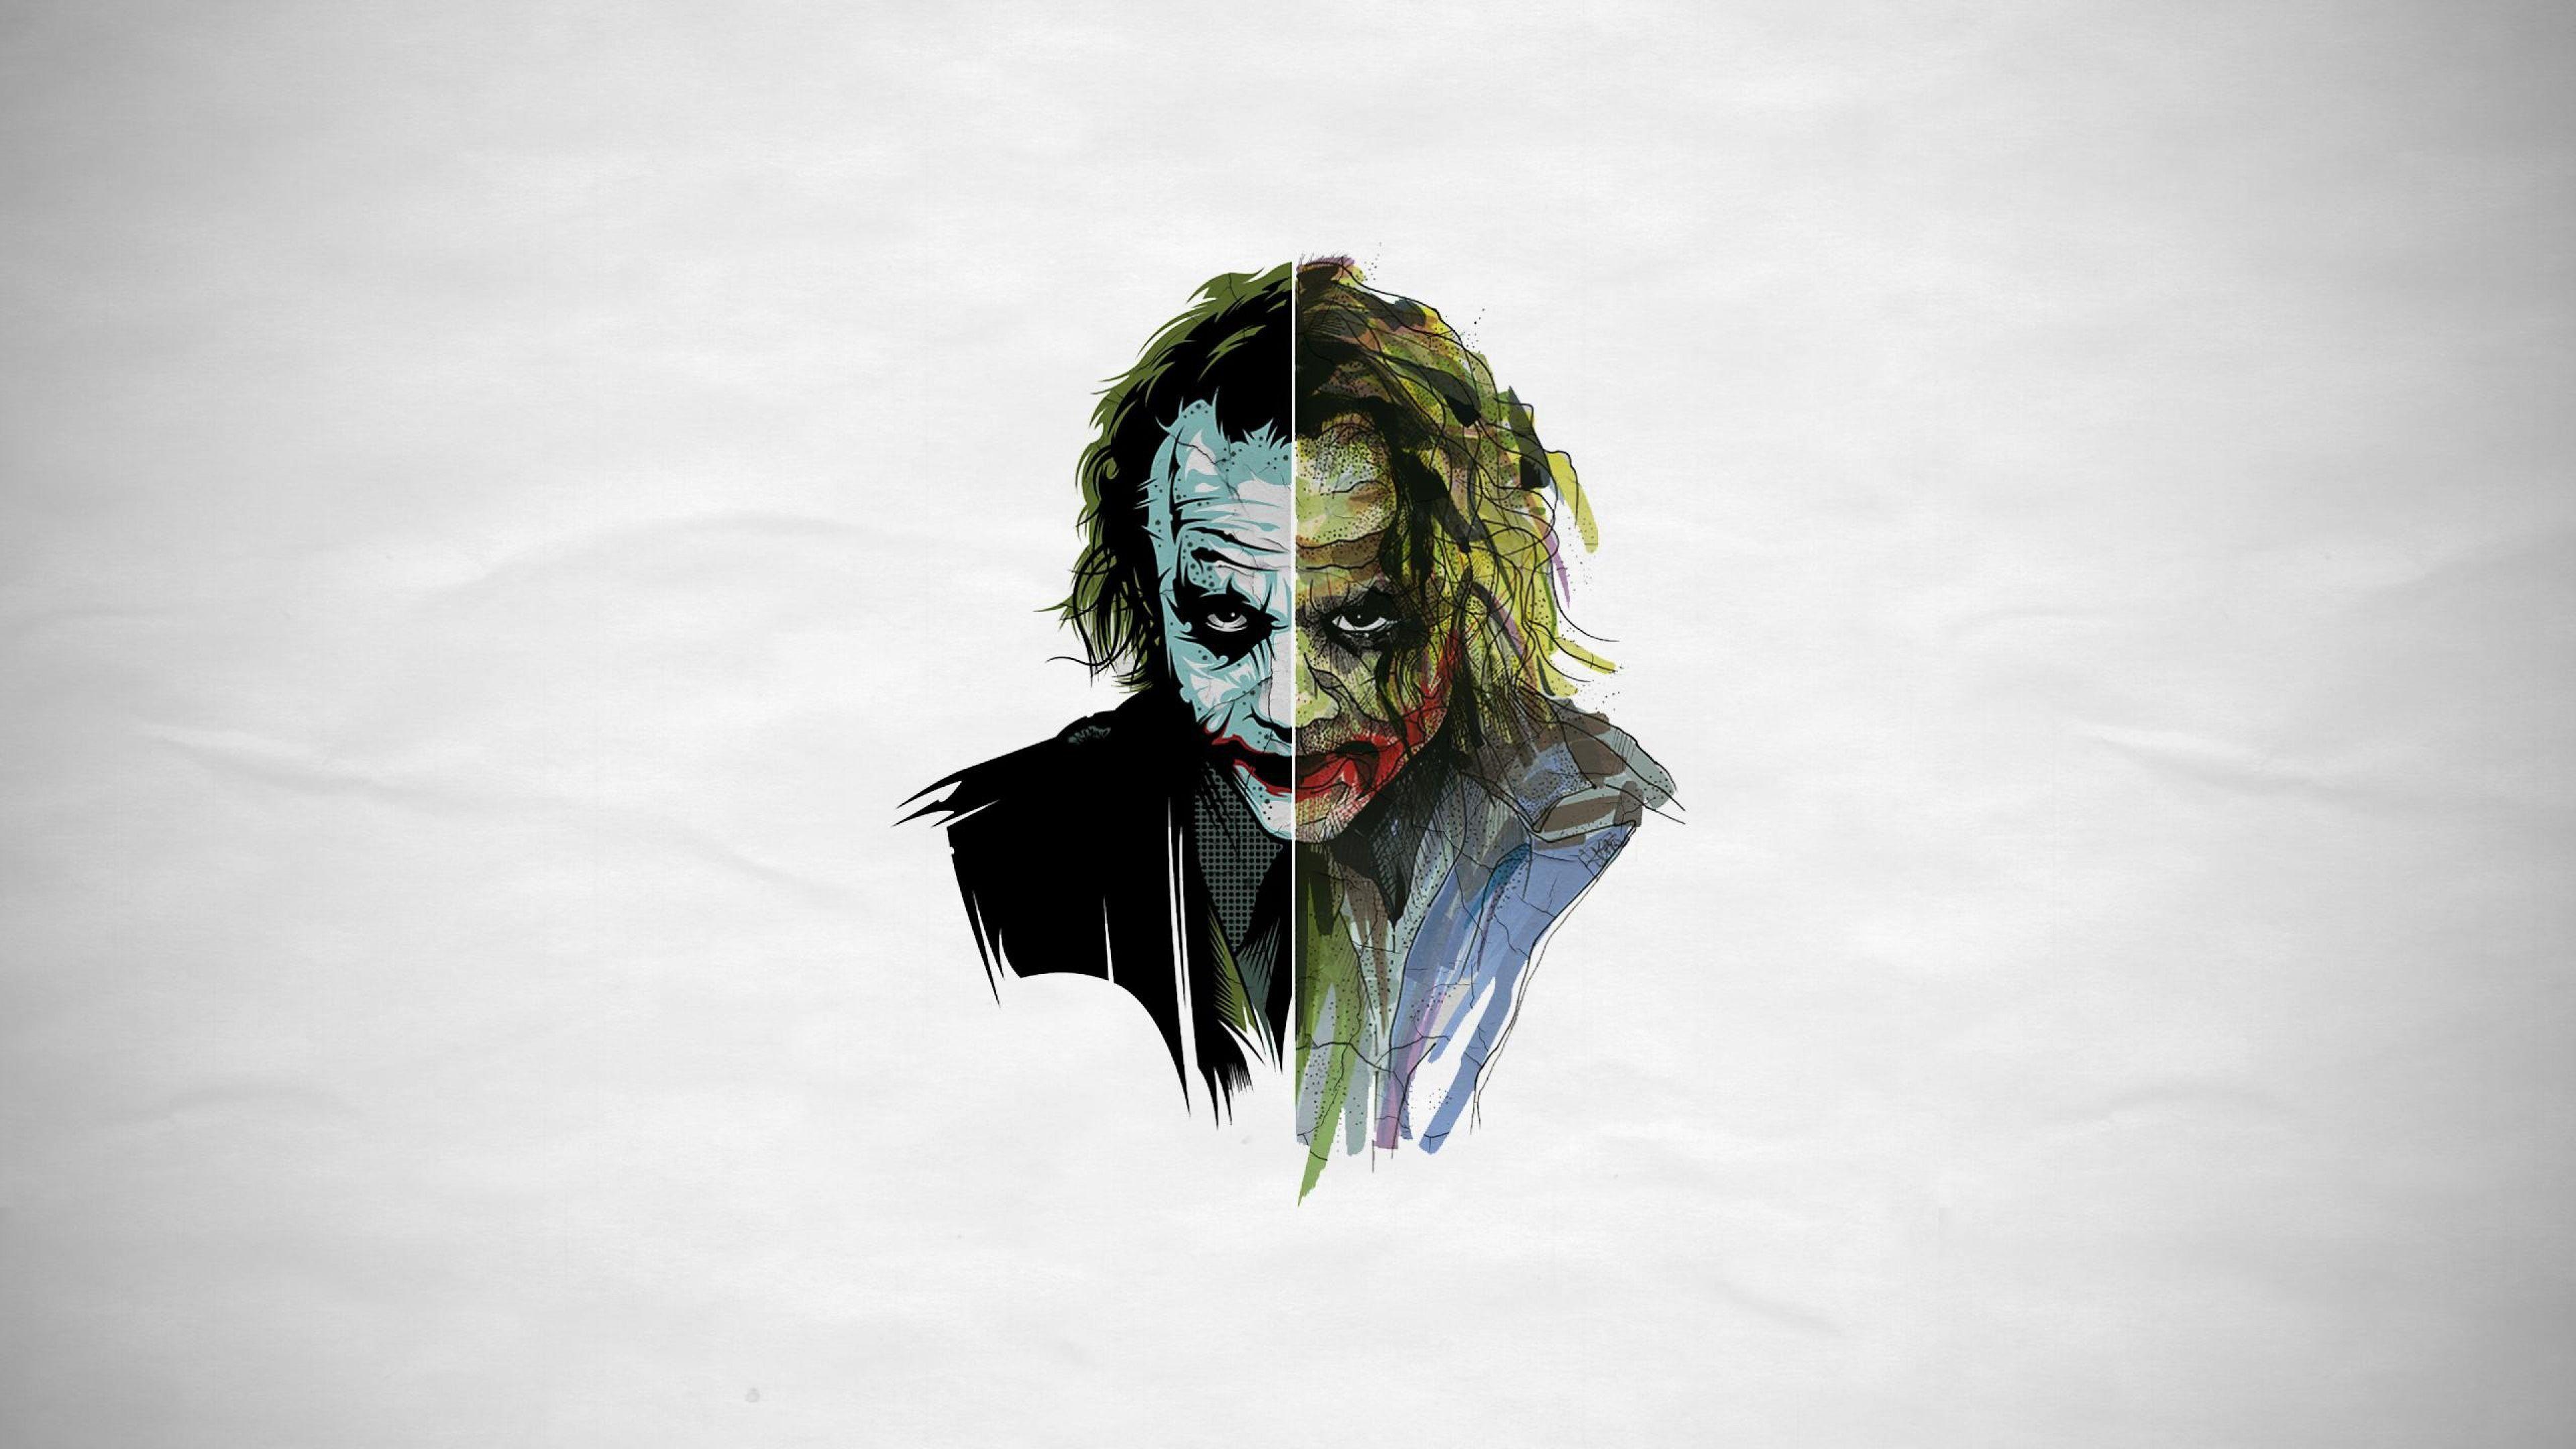 Download 4K Wallpapers Joker